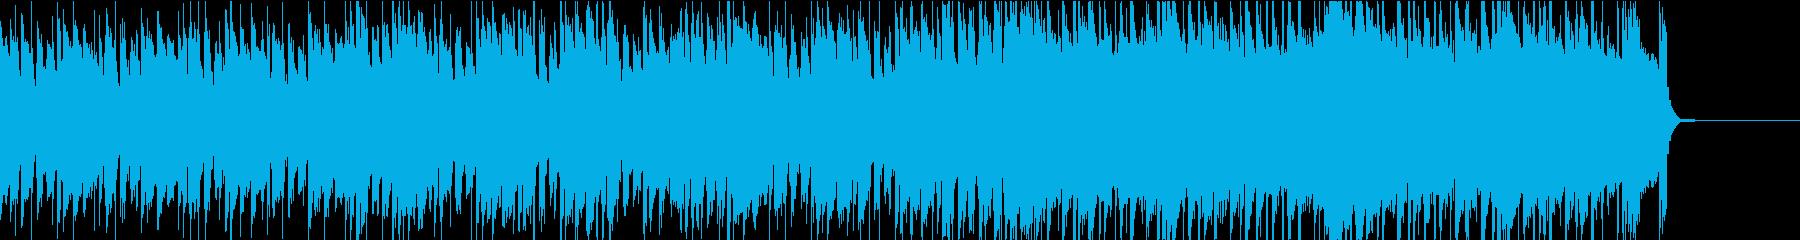 落ち着いたオシャレなアコースティックな曲の再生済みの波形